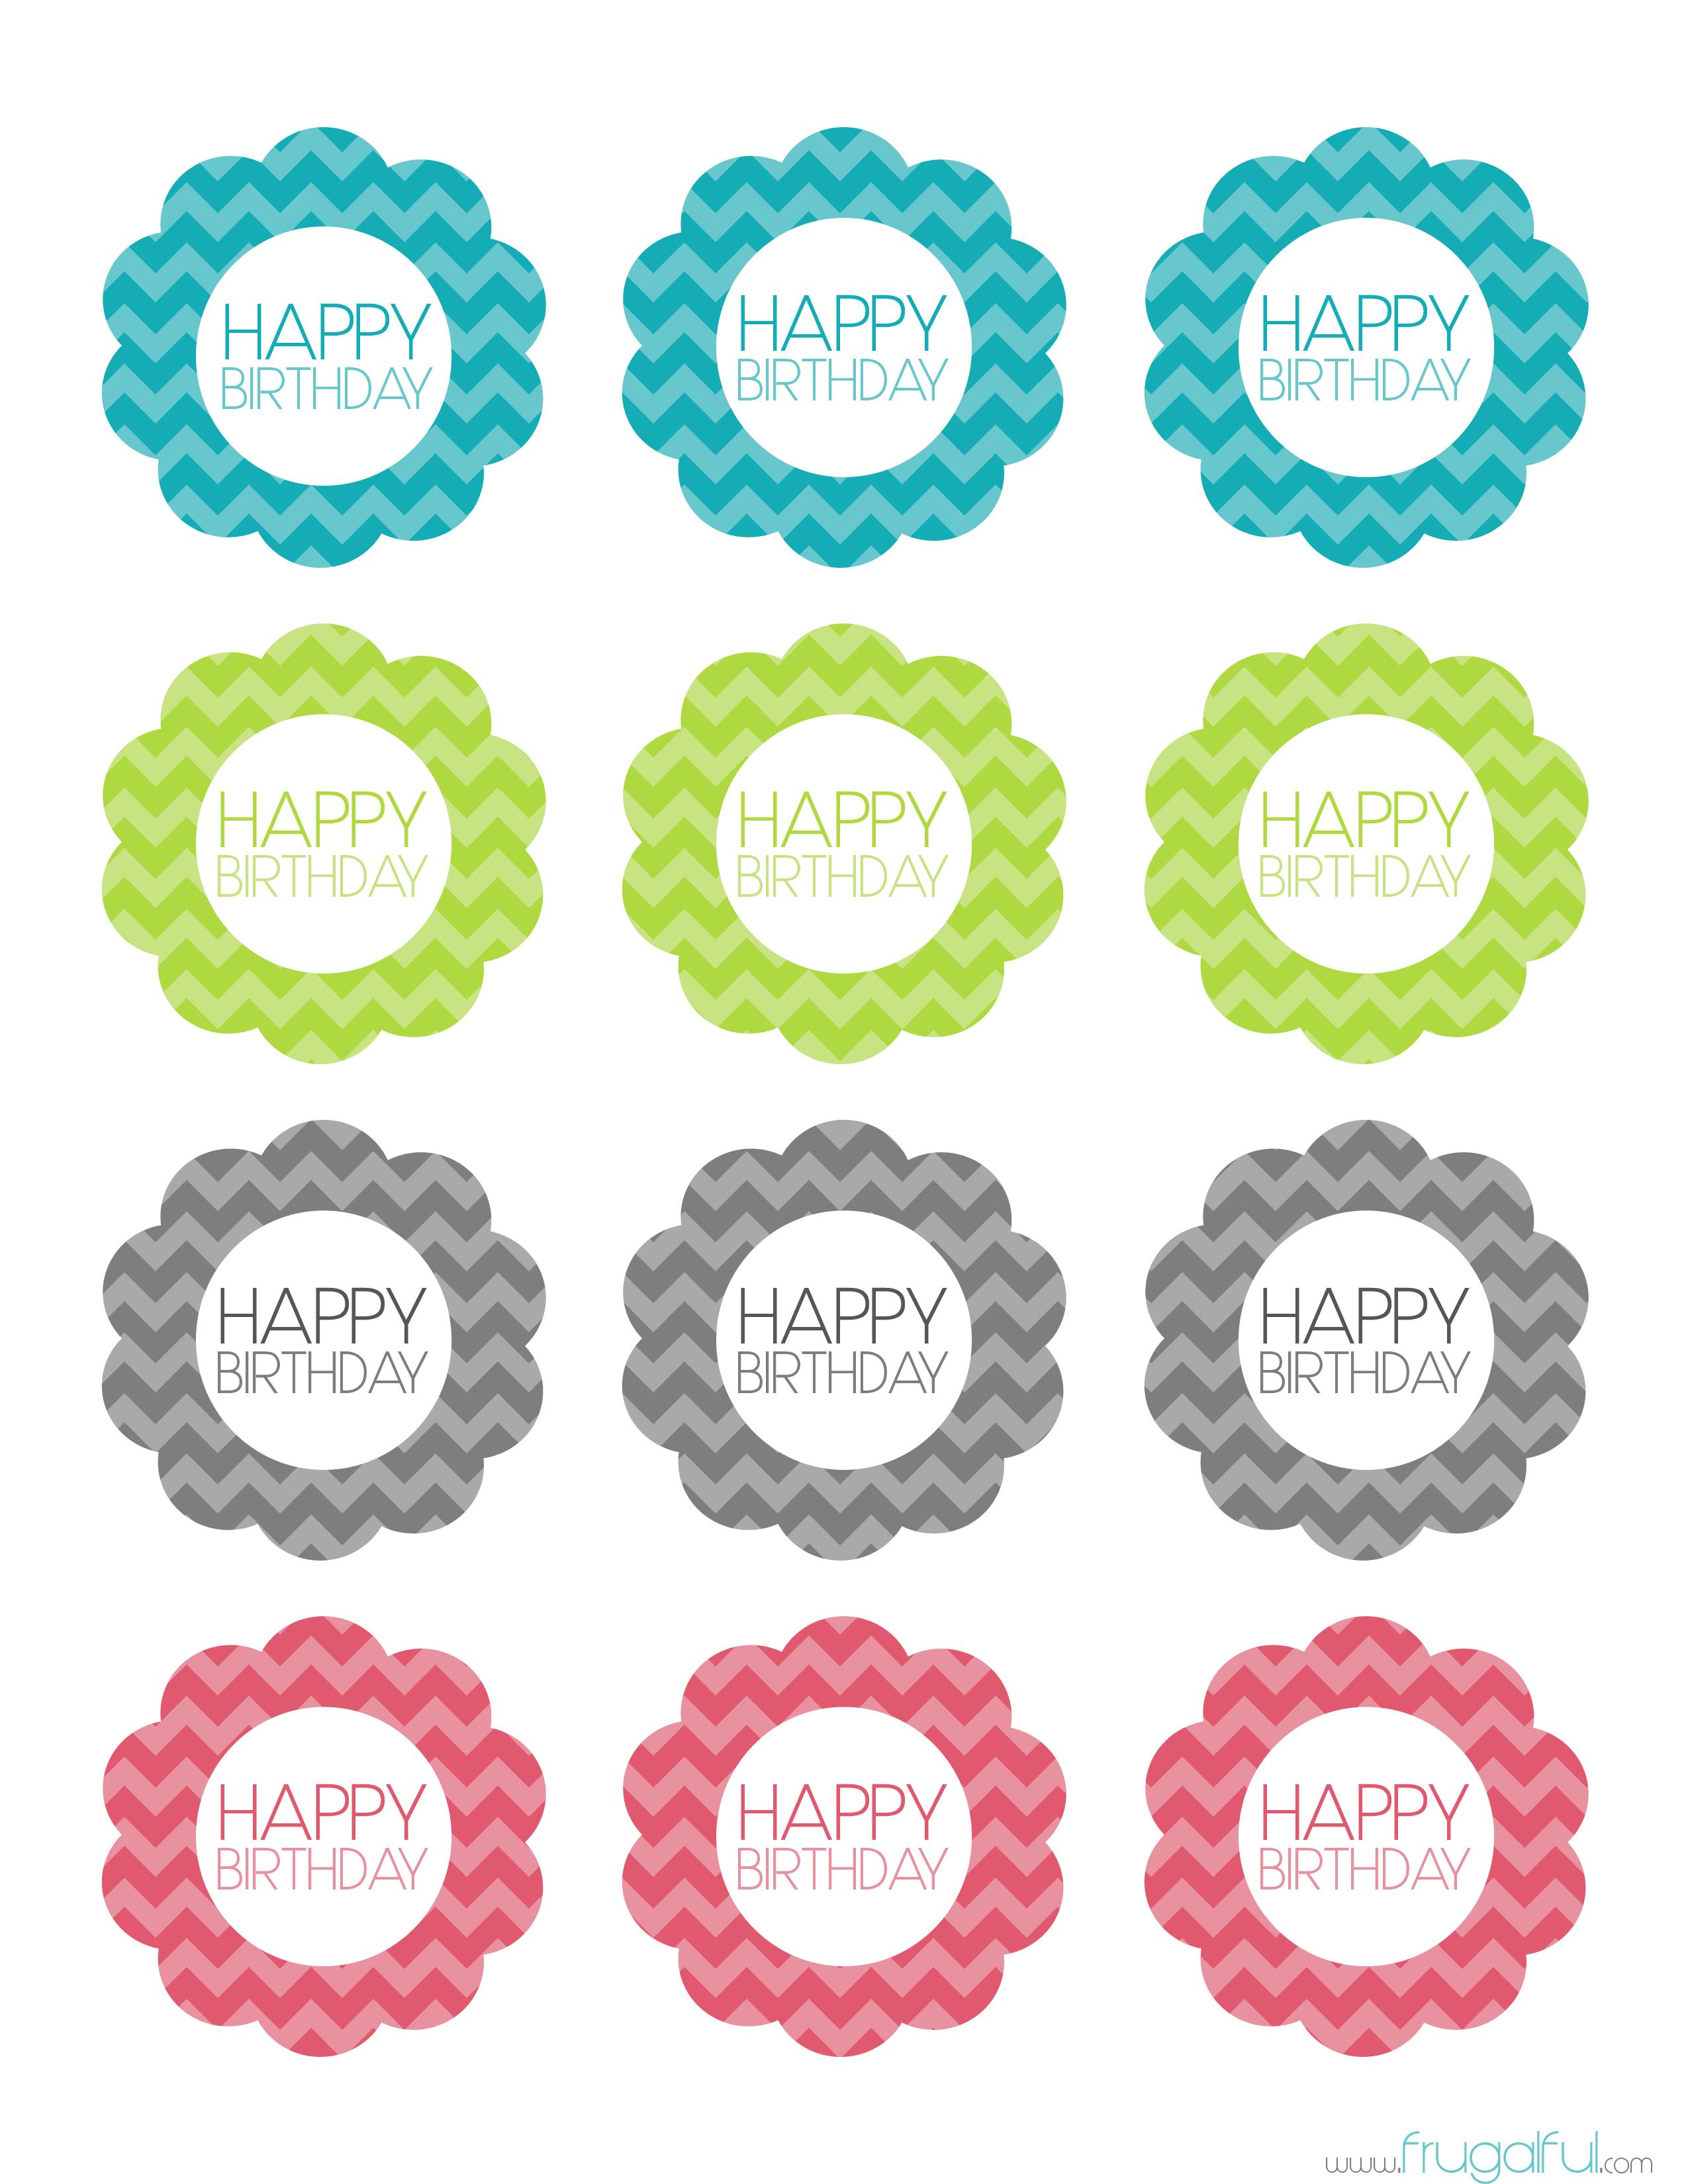 Free Printable Chevron Birthday Cupcake Topper | Frugalful | Par - Cupcake Topper Templates Free Printable